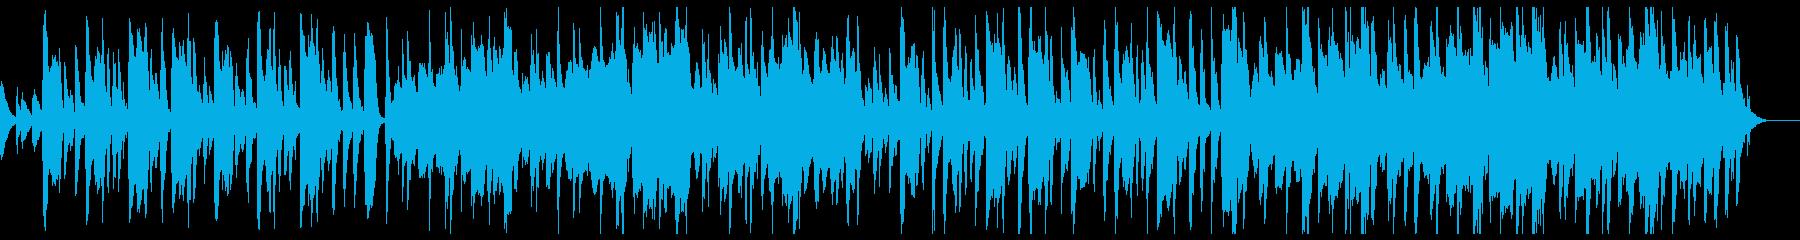 木琴とオーケストラのほのぼのポップスの再生済みの波形